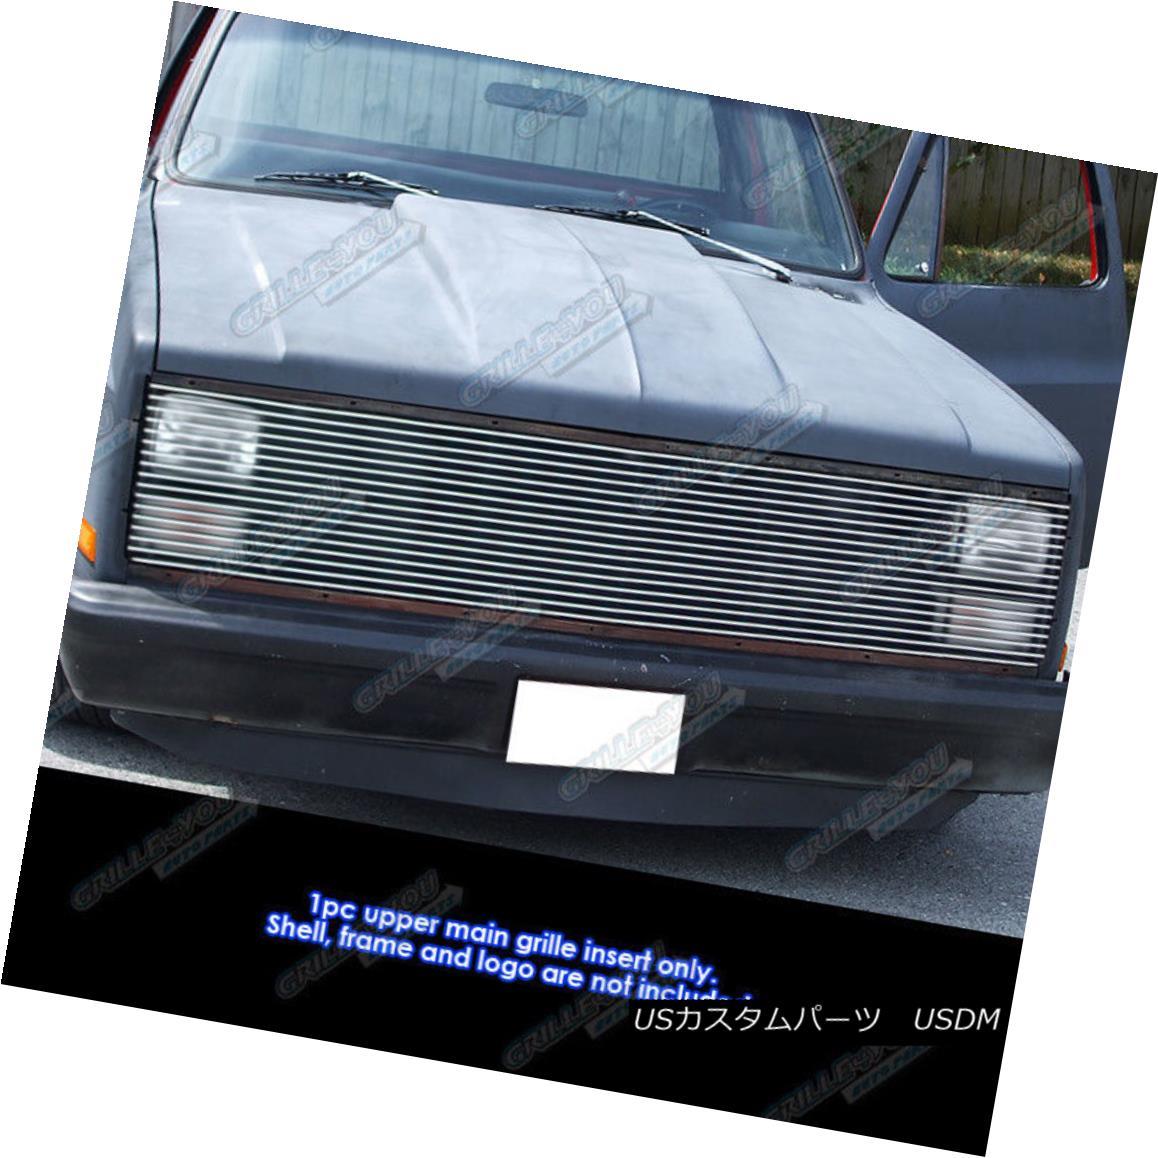 グリル 81-87 Chevy GMC Pickup/Suburban/Blazer/Jimmy Phantom Billet Grille Grill 90 81-87 Chevy GMC Pickup / Suburba n / Blazer / Jimmy Phantomビレットグリルグリル90